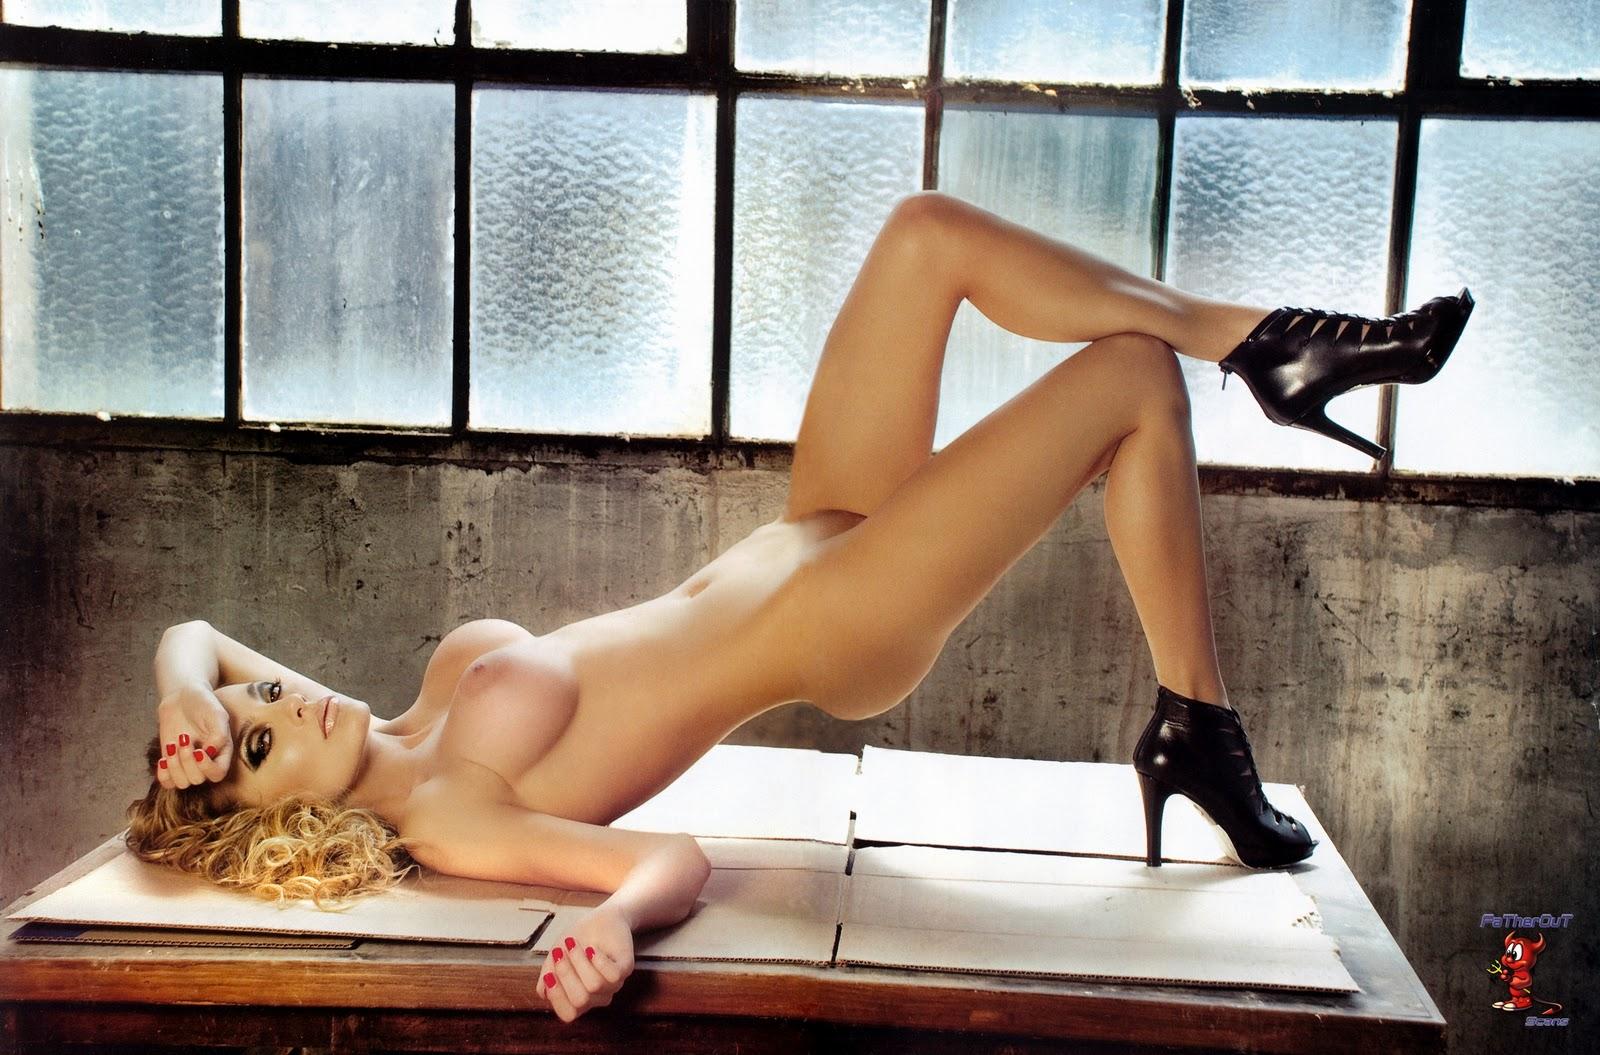 Співачка еріка порно фото 29 фотография